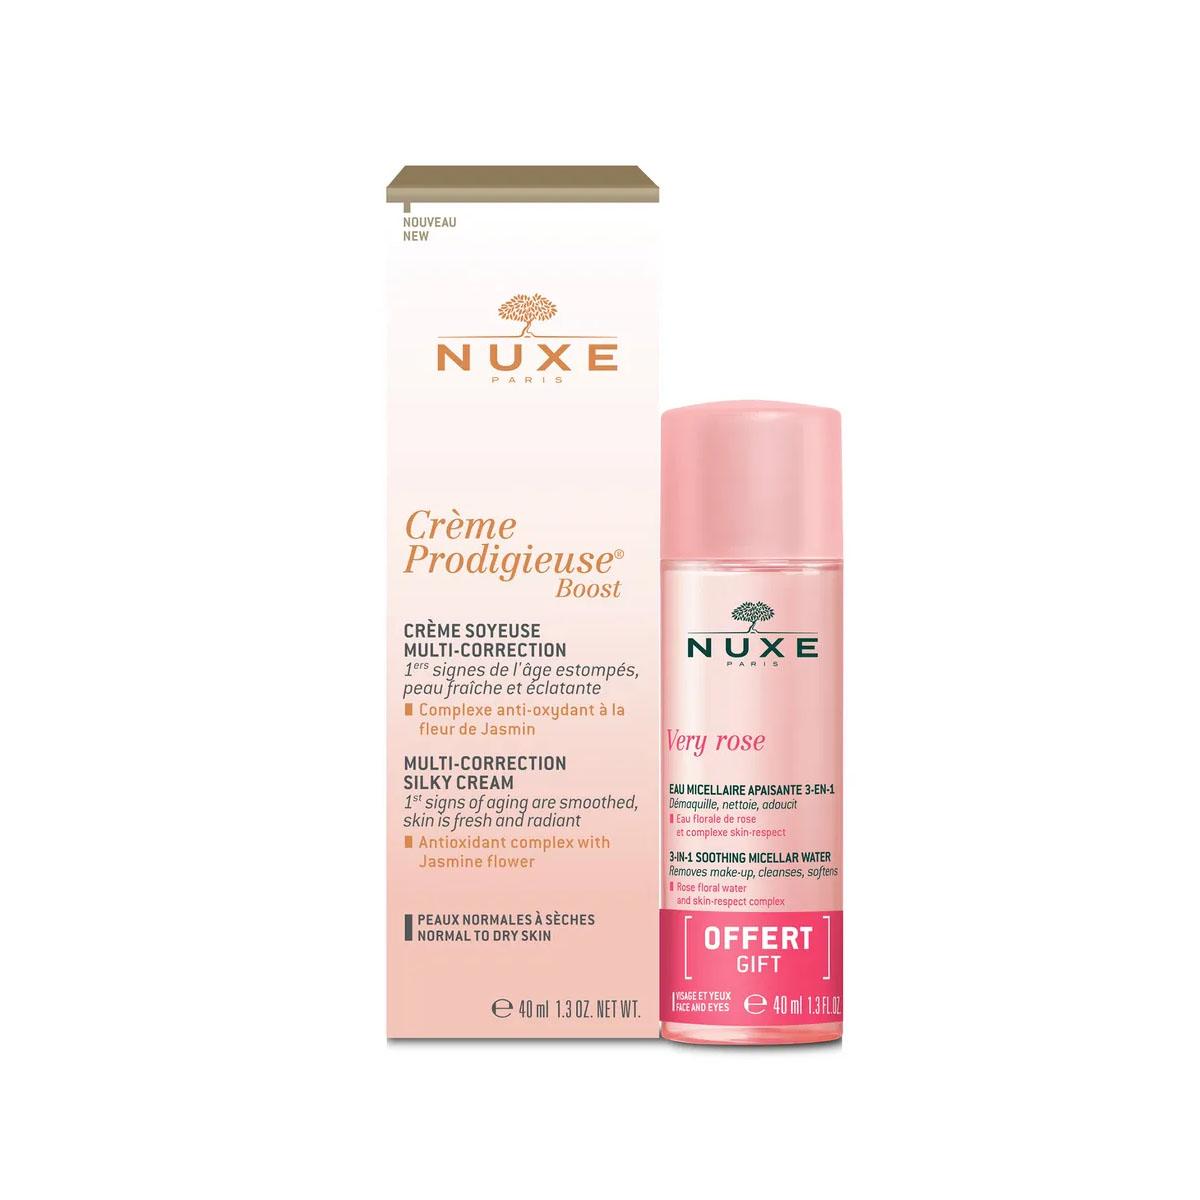 Купить Nuxe Набор: Мультикорректирующий крем для лица Boost, 40 мл + Мицеллярная вода для лица и глаз 3 в 1, 40 мл (Nuxe, Creme Prodigieuse), Франция